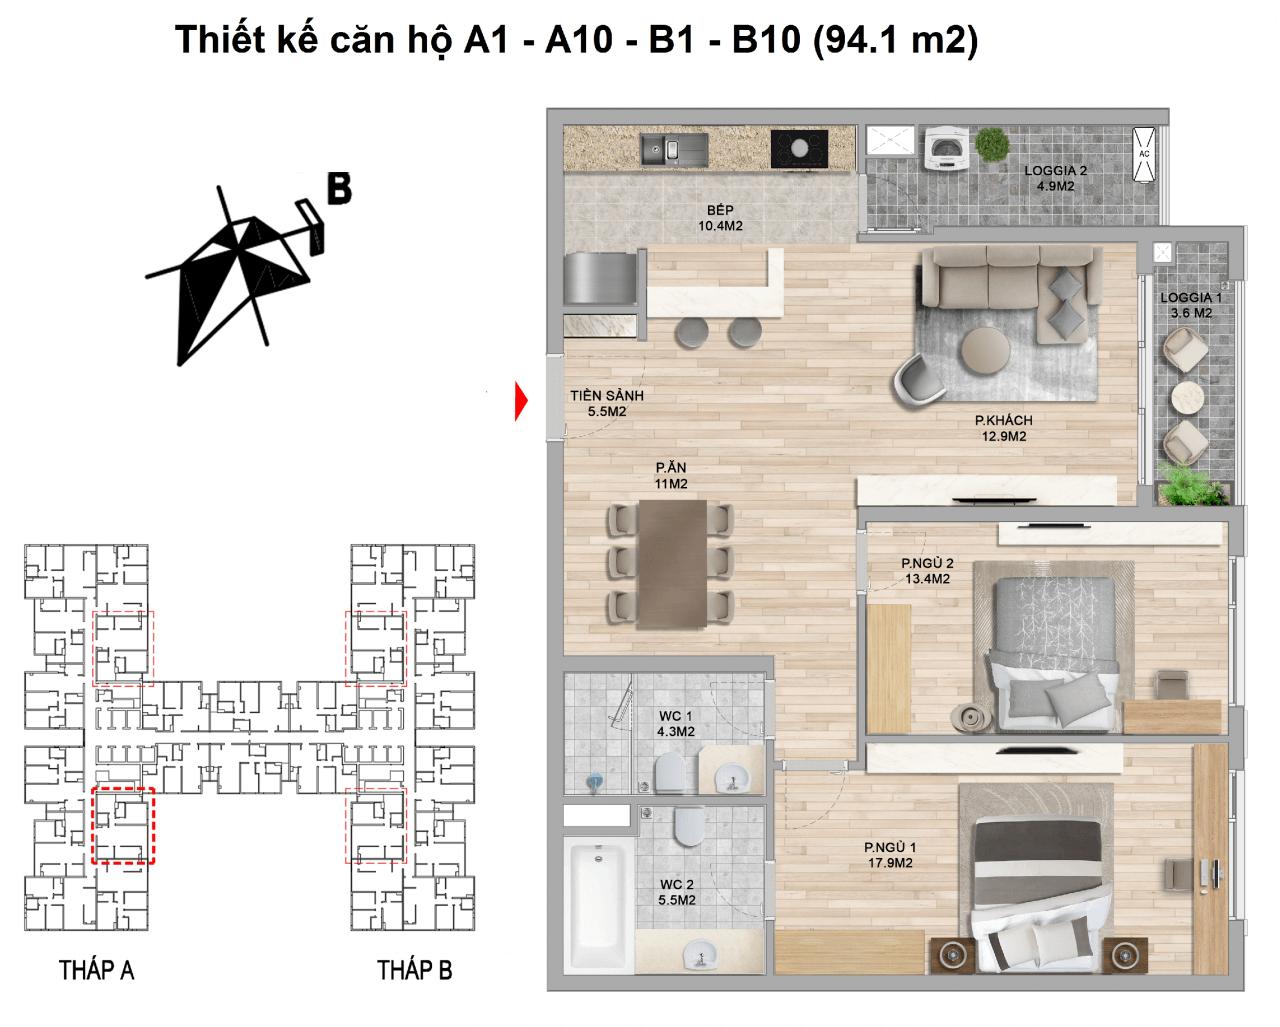 thiết kế căn hộ 2 ngủ 94.1 m2